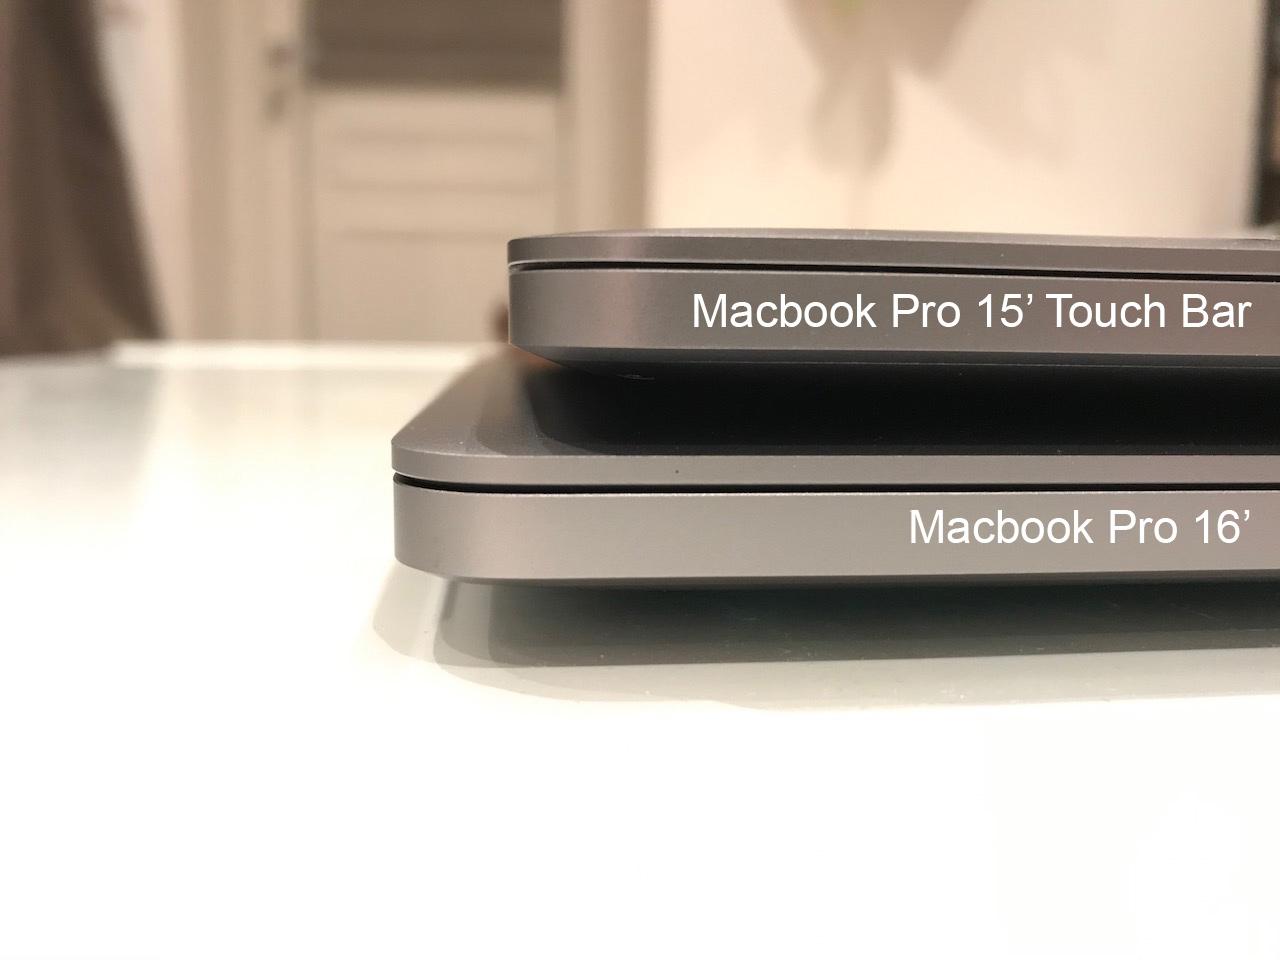 macbook pro 15 vs macbook pro 16